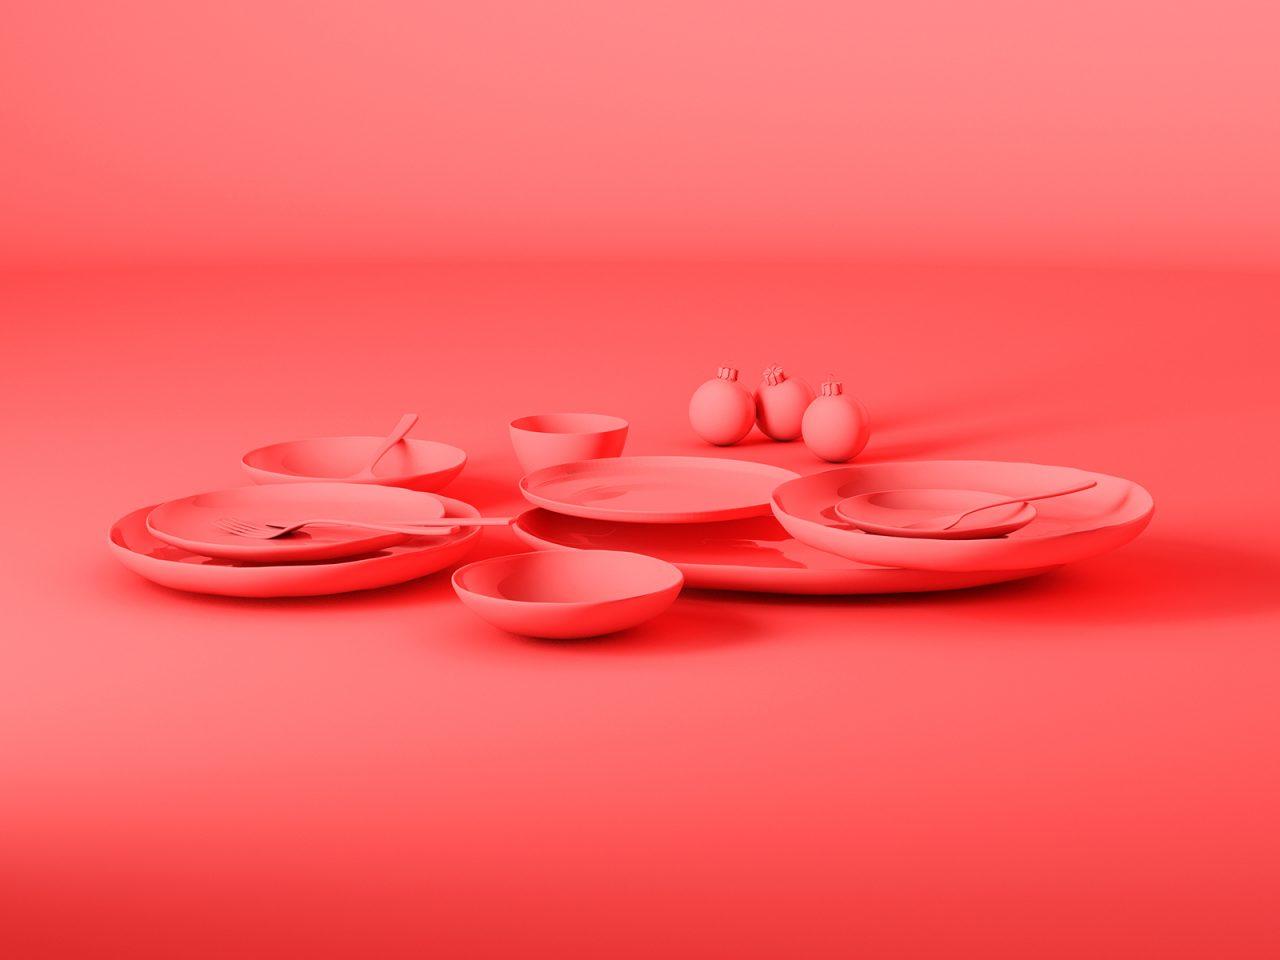 Pantallazos-rojo